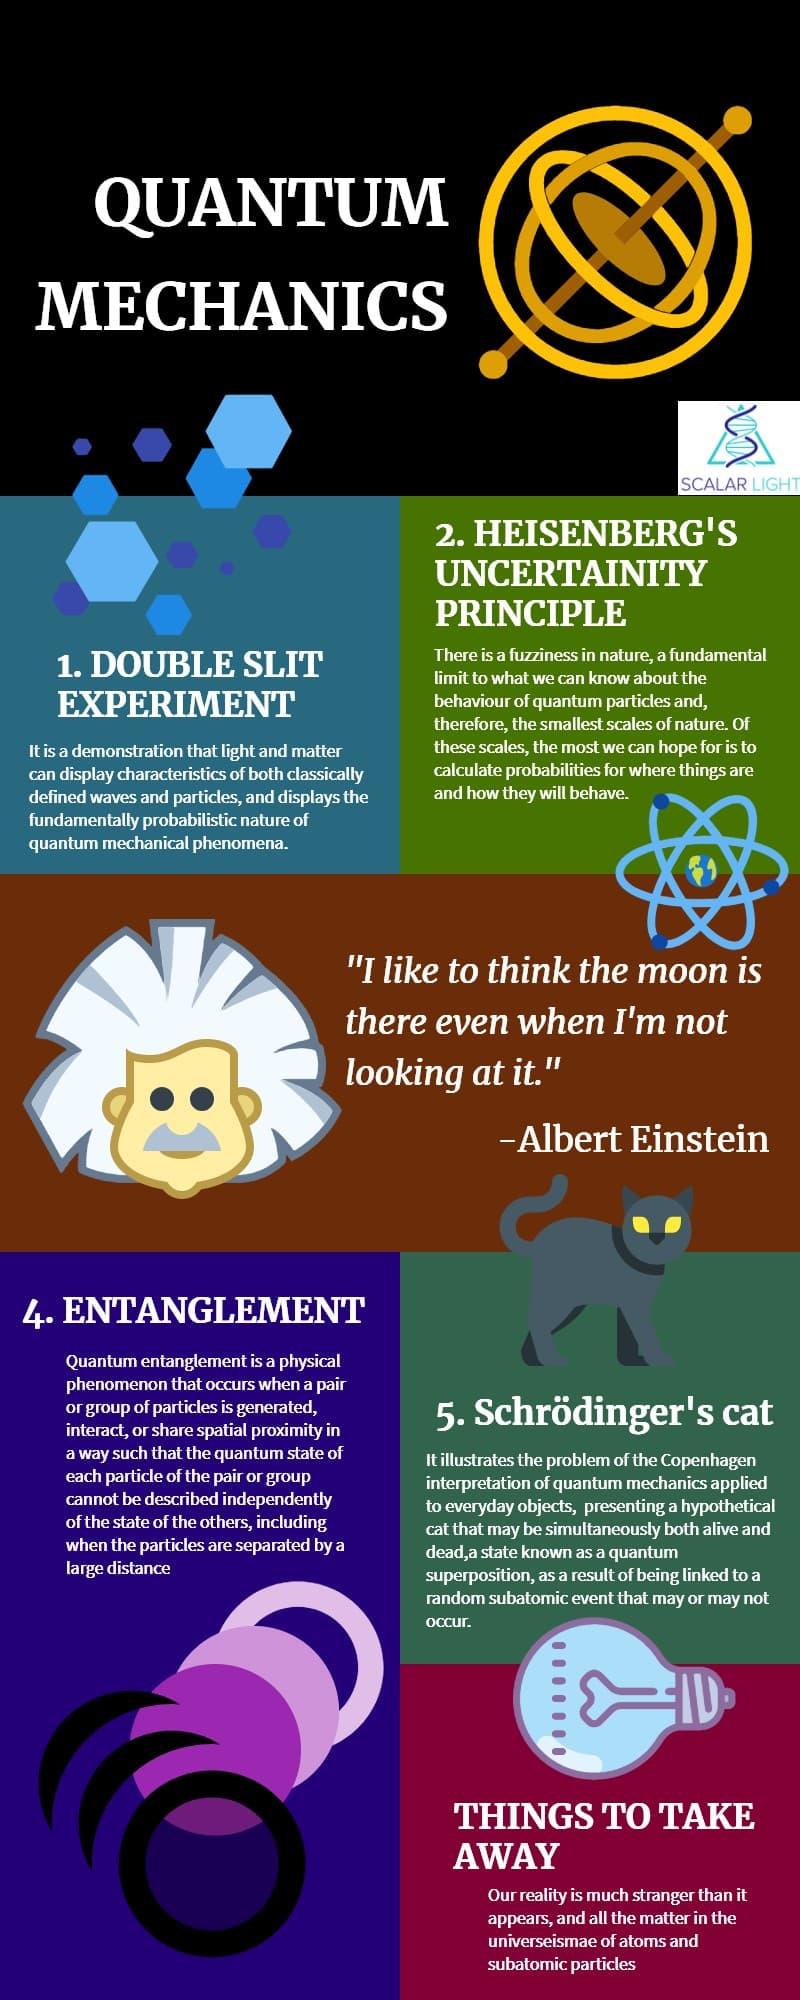 Quantum Mechanics explained